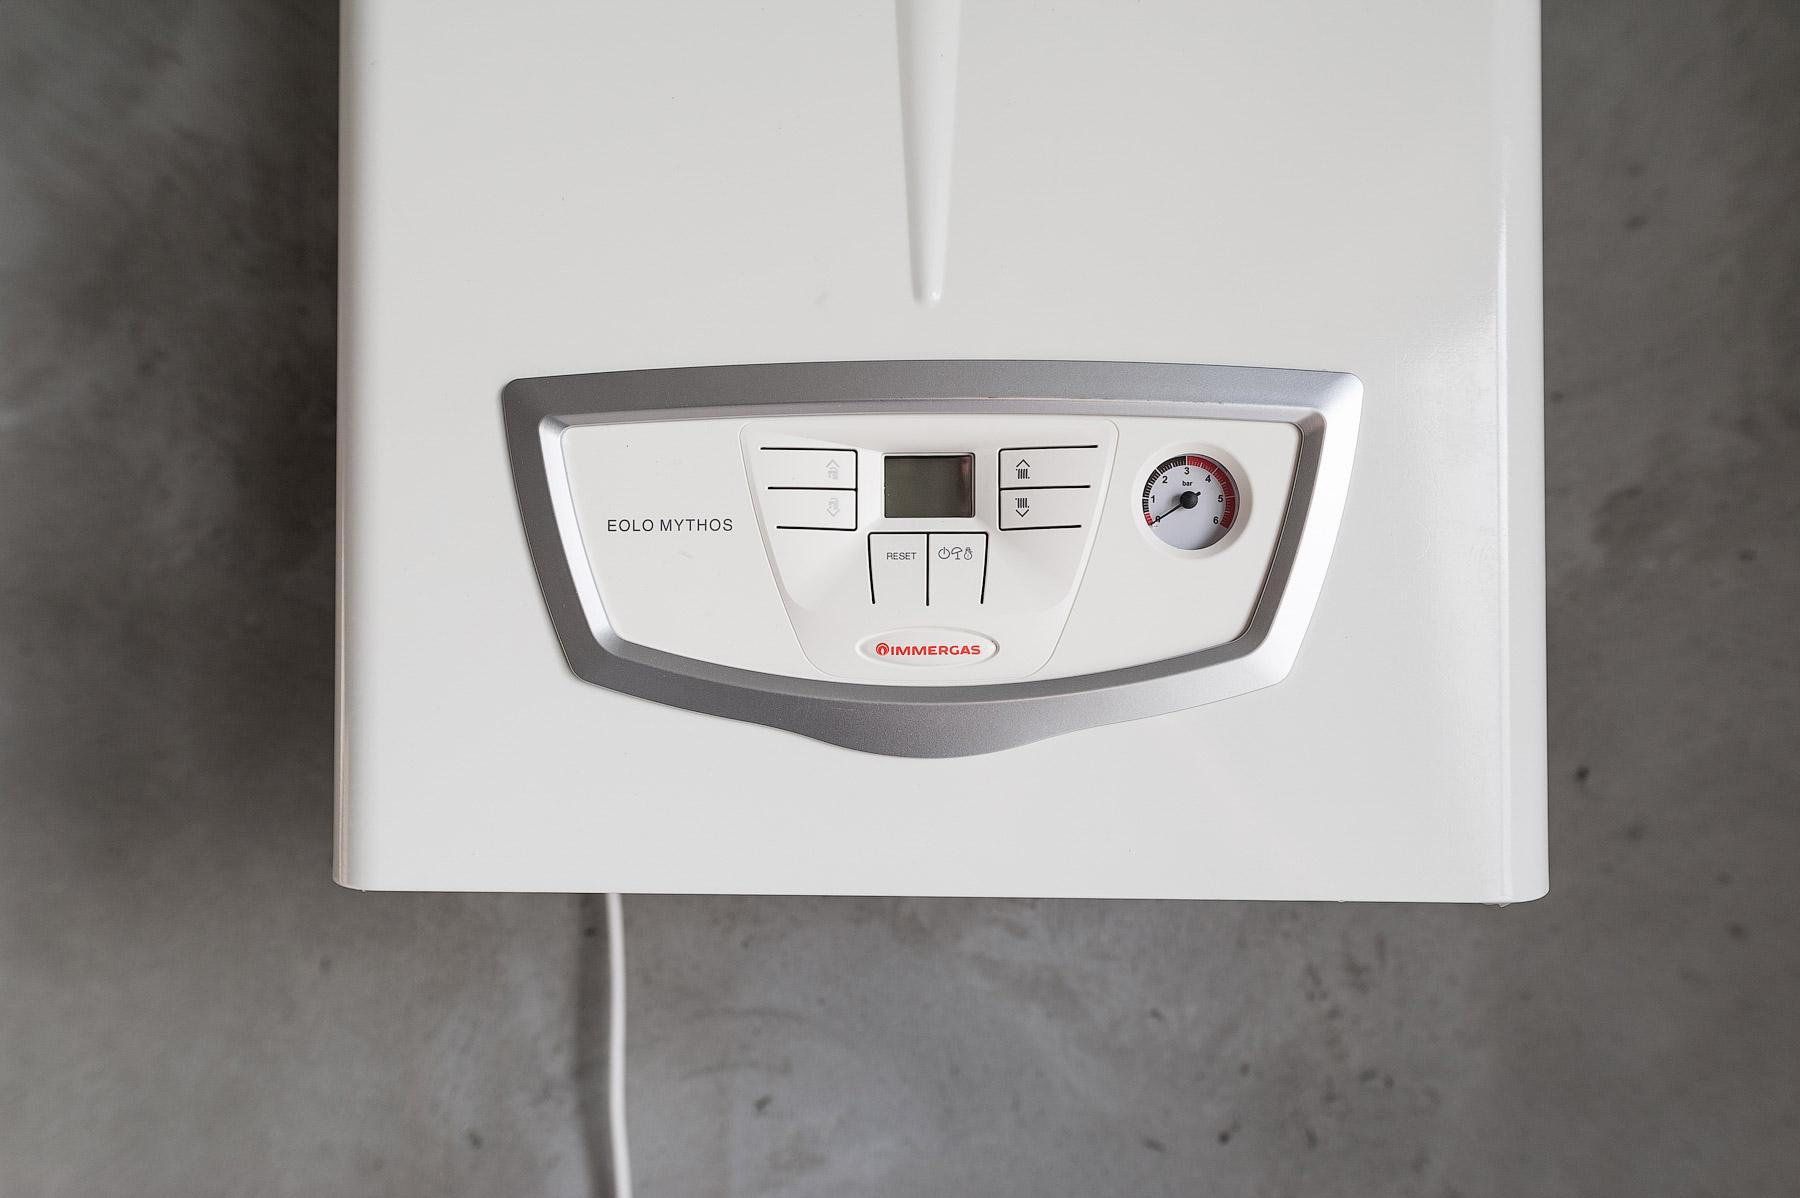 Газовые котлы IMMERGAS: что приобретать для дома?